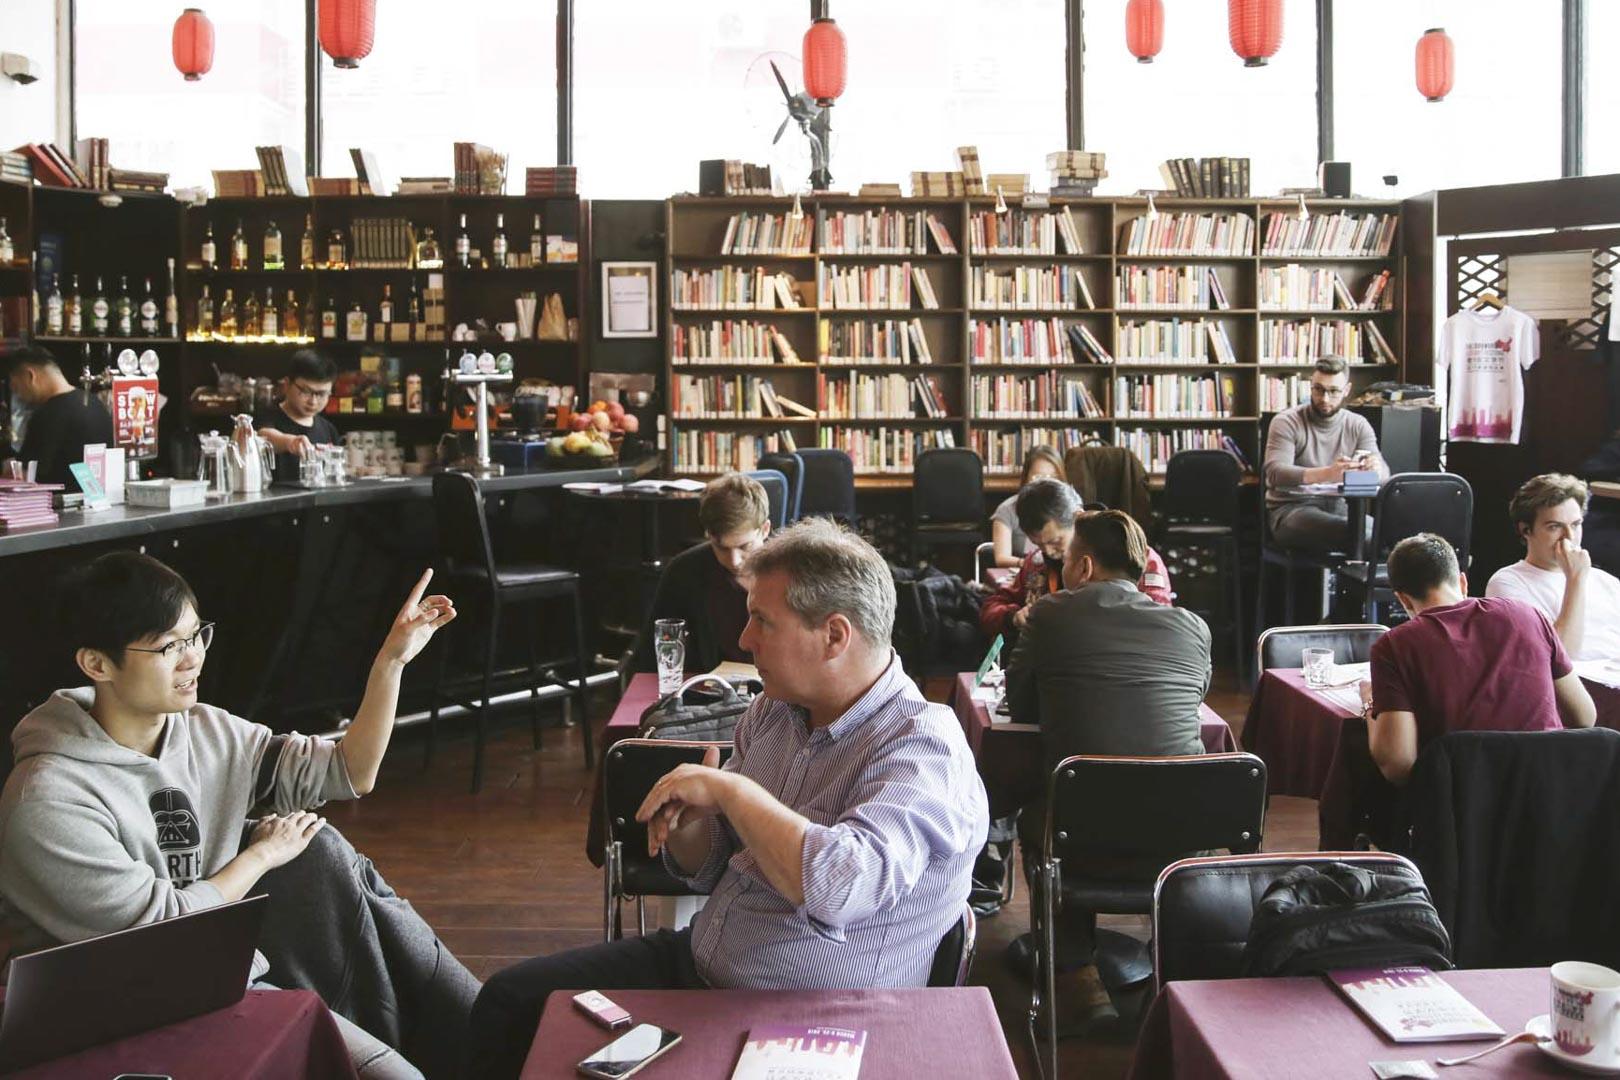 老書蟲書店有着漂亮的玻璃外牆、2.5萬多本中外文書籍、豐富的食物和形形色色的文學活動的空間。書店創辦人、愛爾蘭人Peter Goff來到中國已經17年了。  攝:尹夕遠/端傳媒